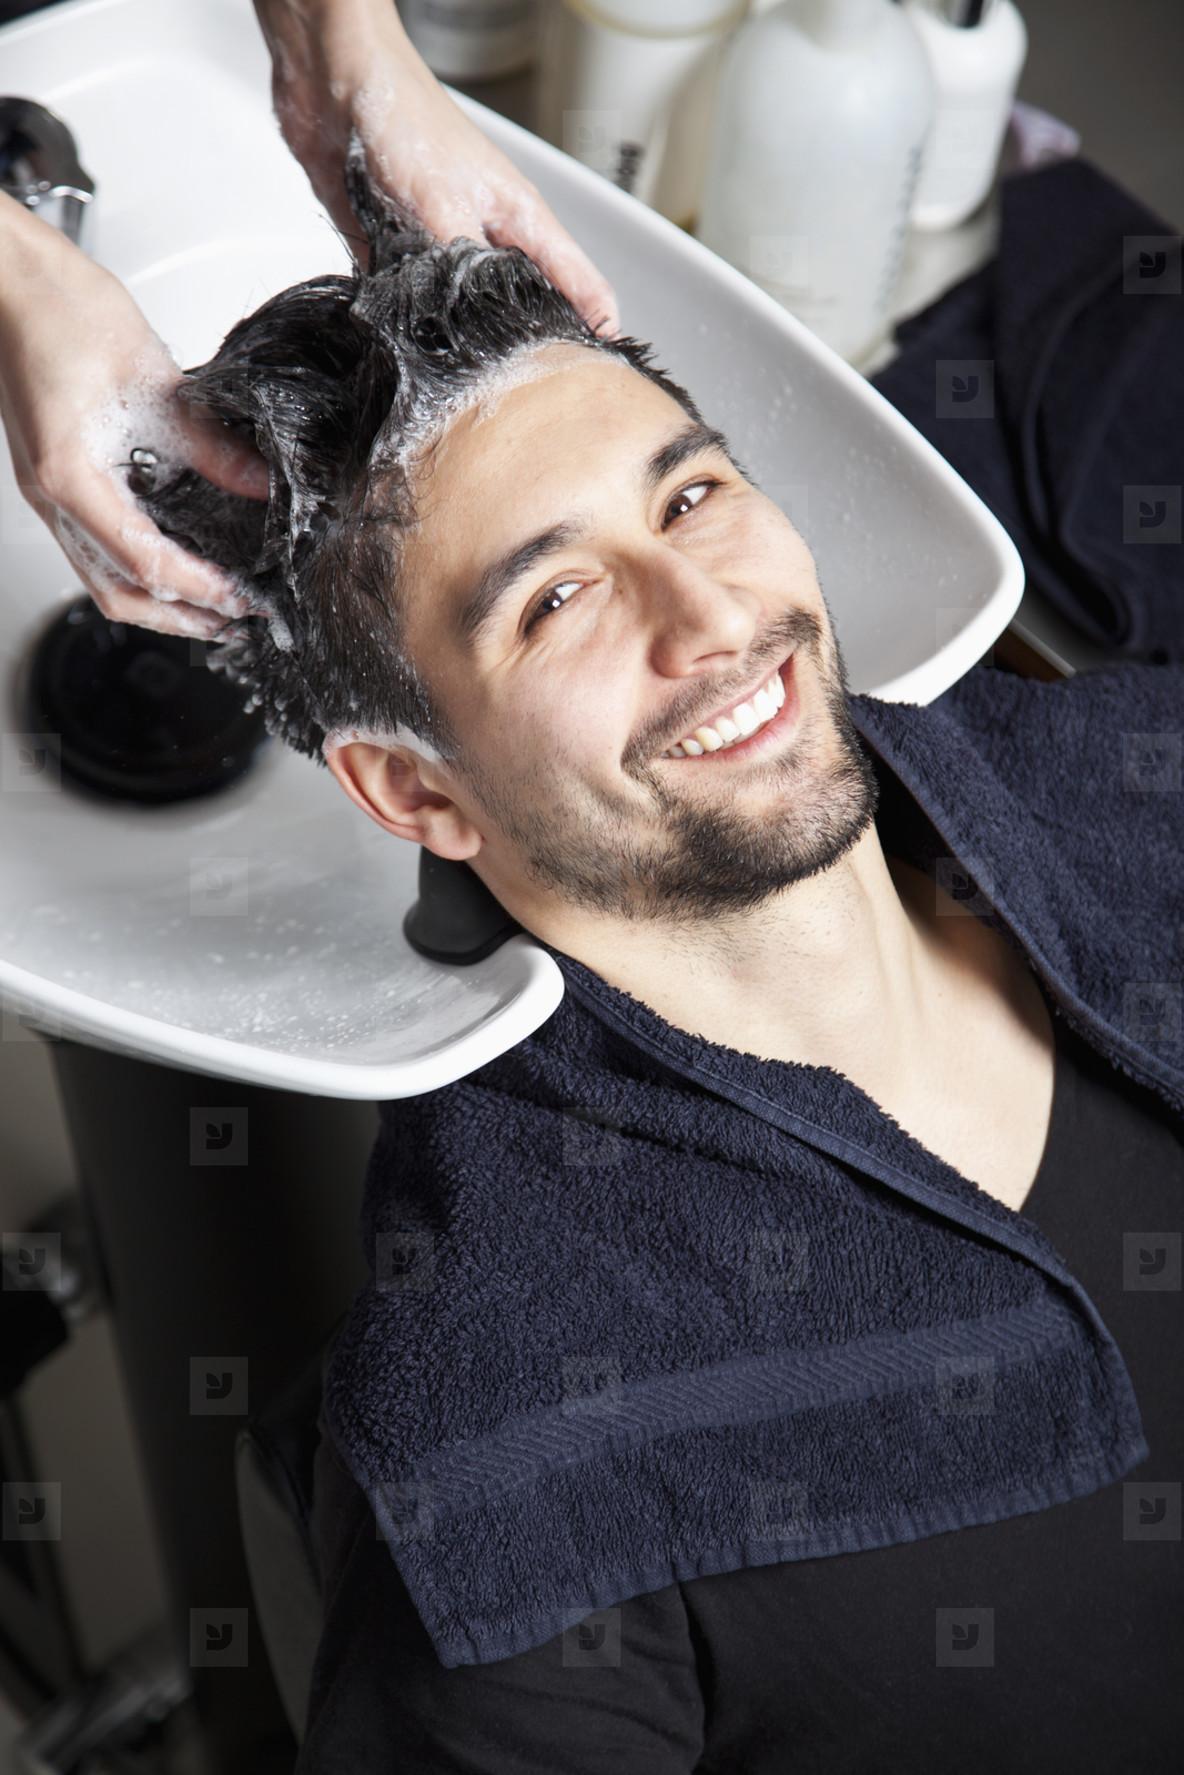 The Hair Salon  02